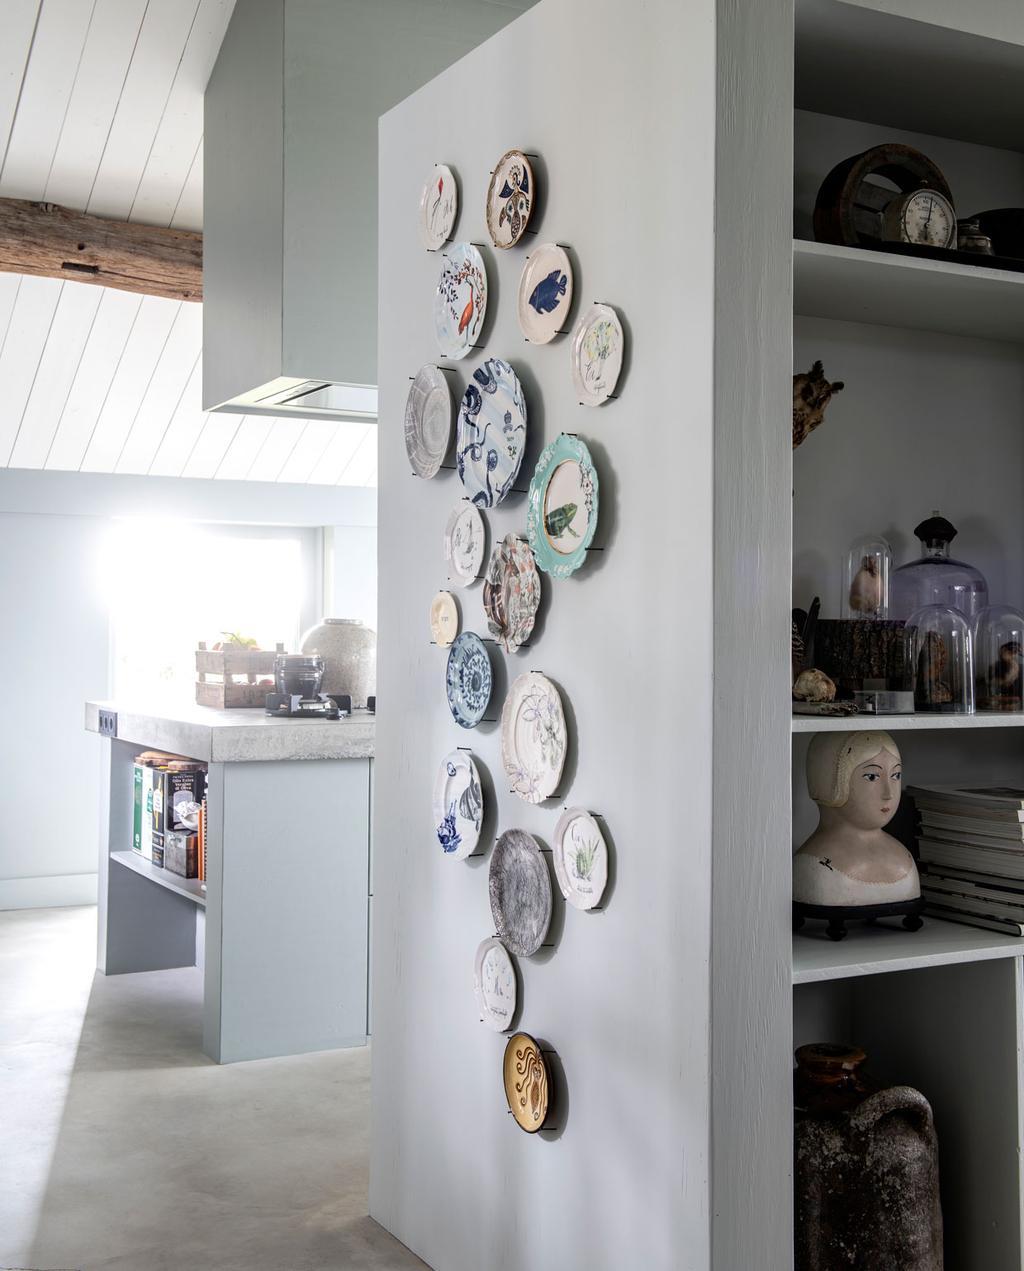 vtwonen 11-2019 | binnenkijker s'Gravenmoer muur borden